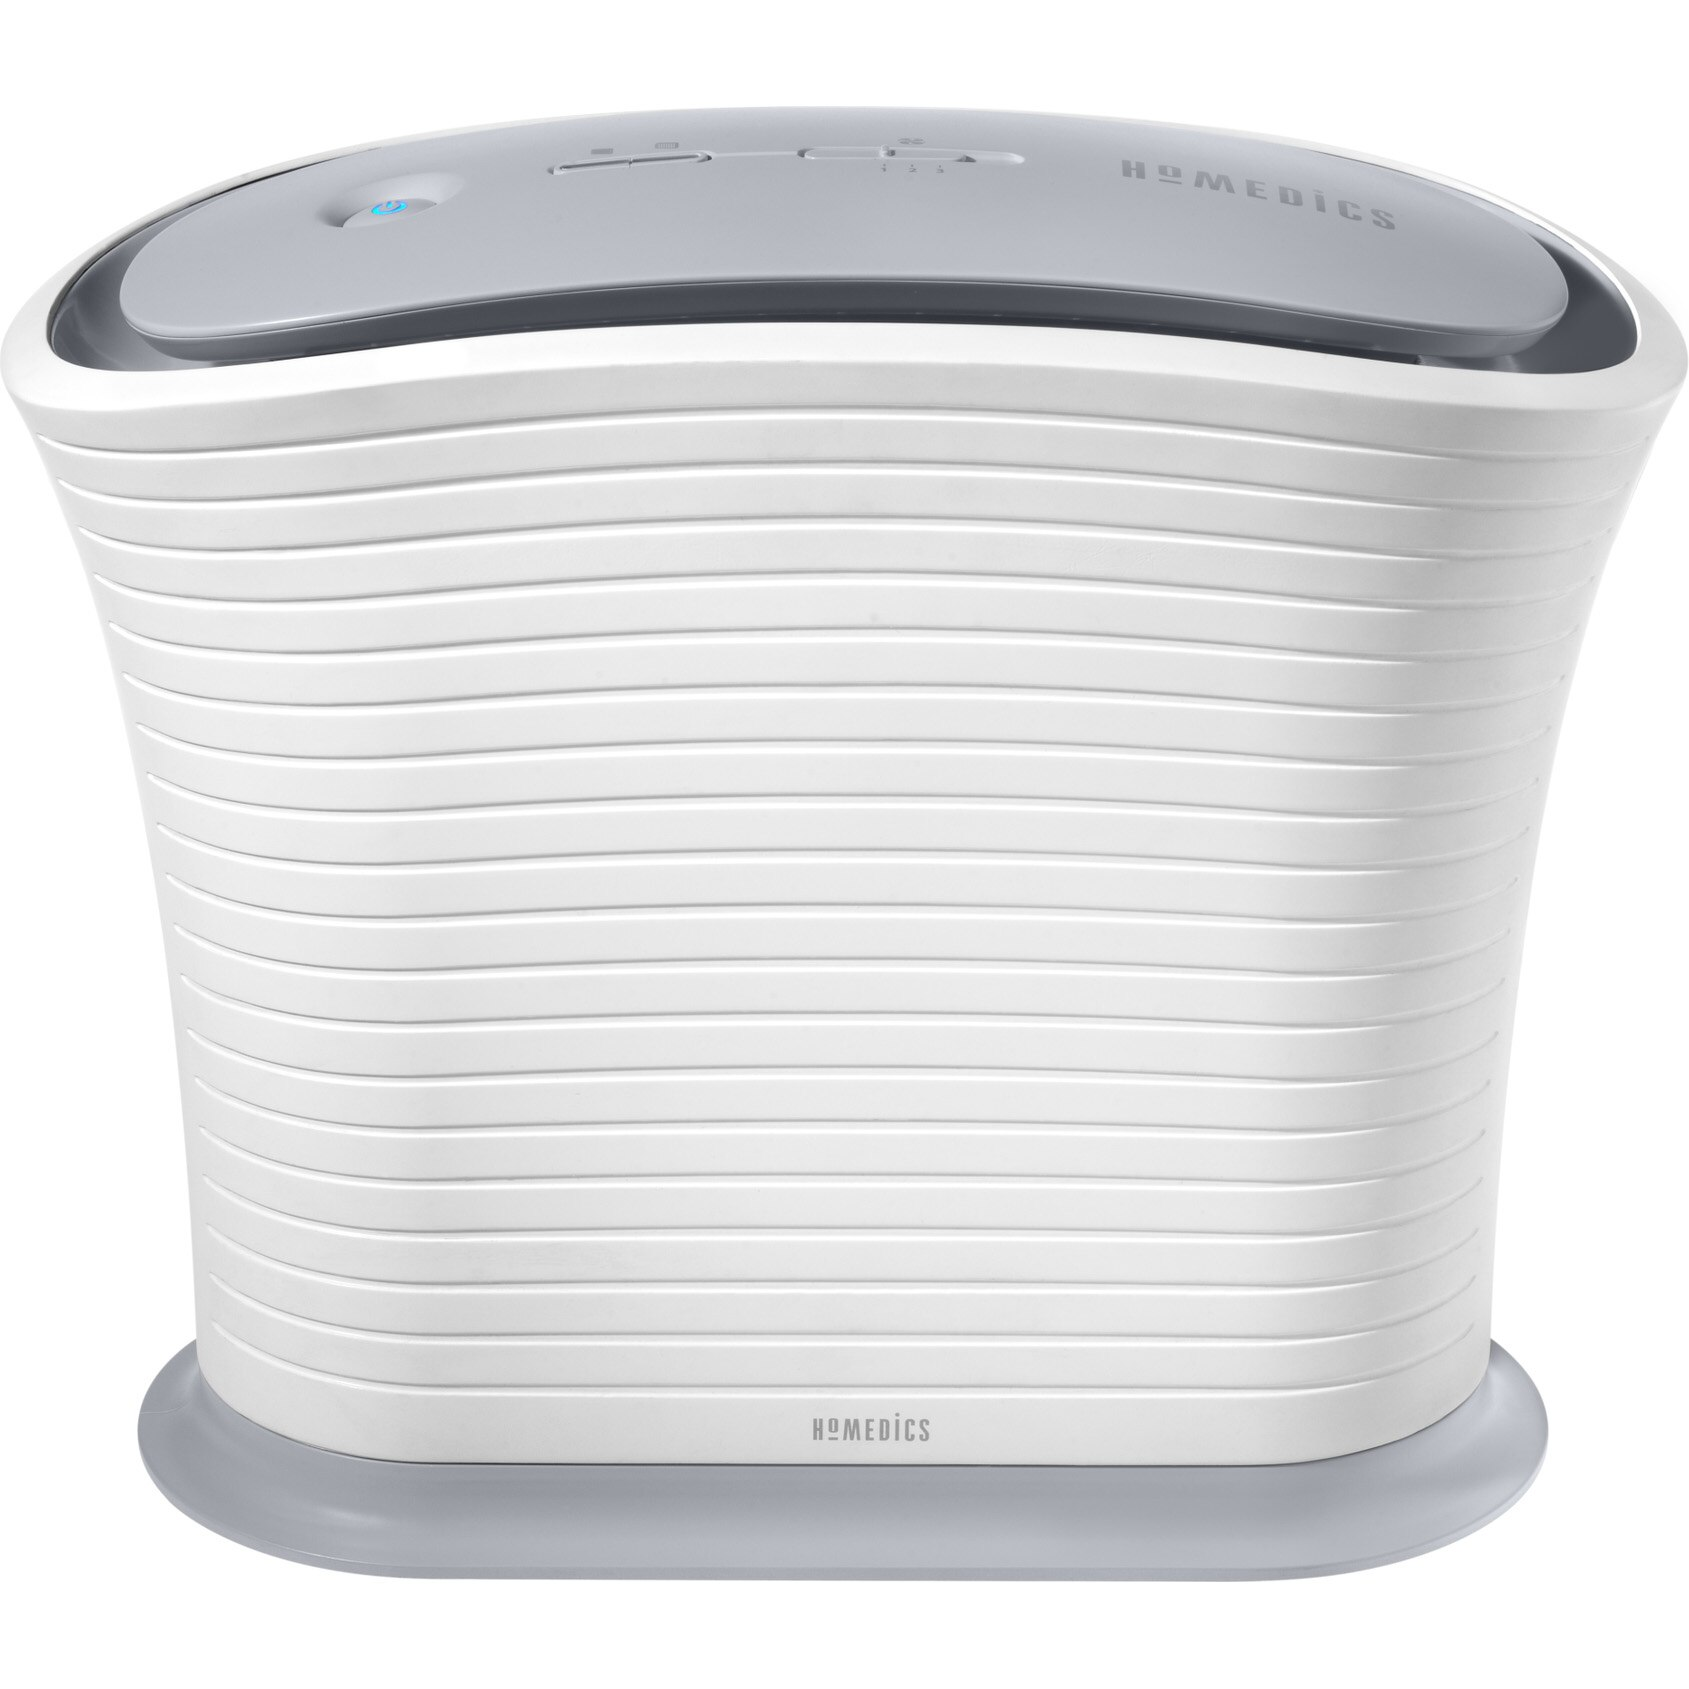 Fotografie Purificator HomeMedics AP-15A-EU, CADR 124 m3/h, filtru HEPA lavabil, recomandat pana la 11 m2